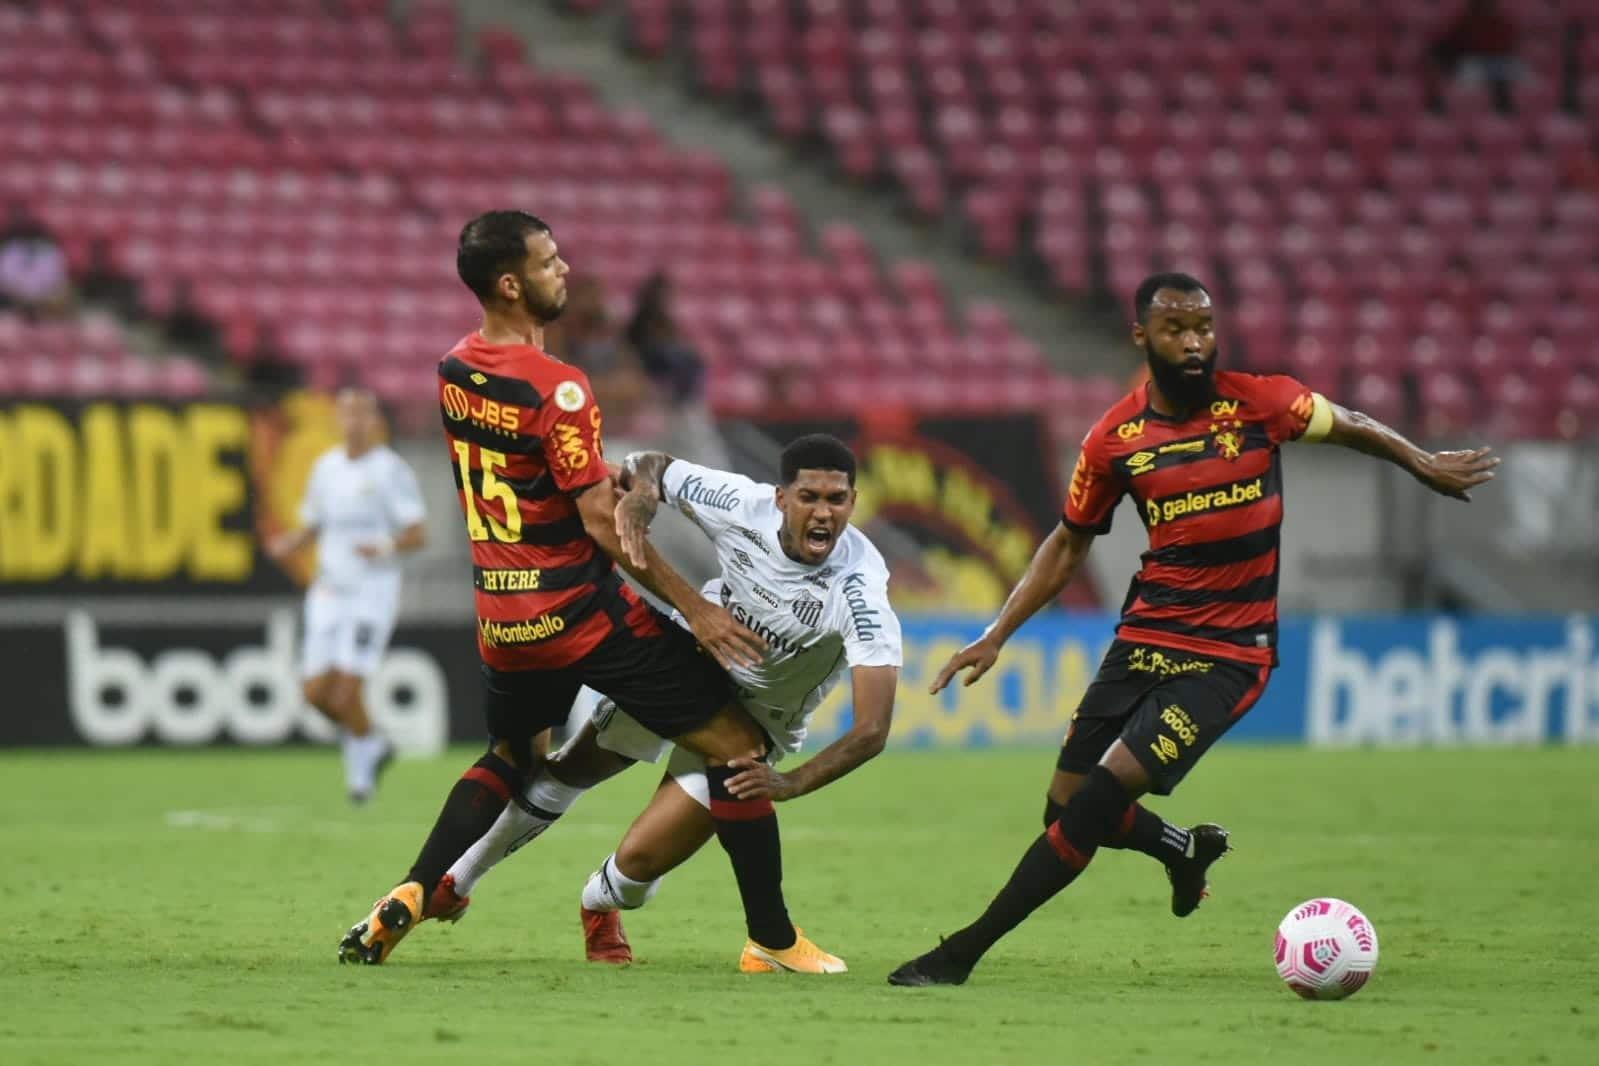 Santos empata com Sport fora e segue fora da zona de rebaixamento